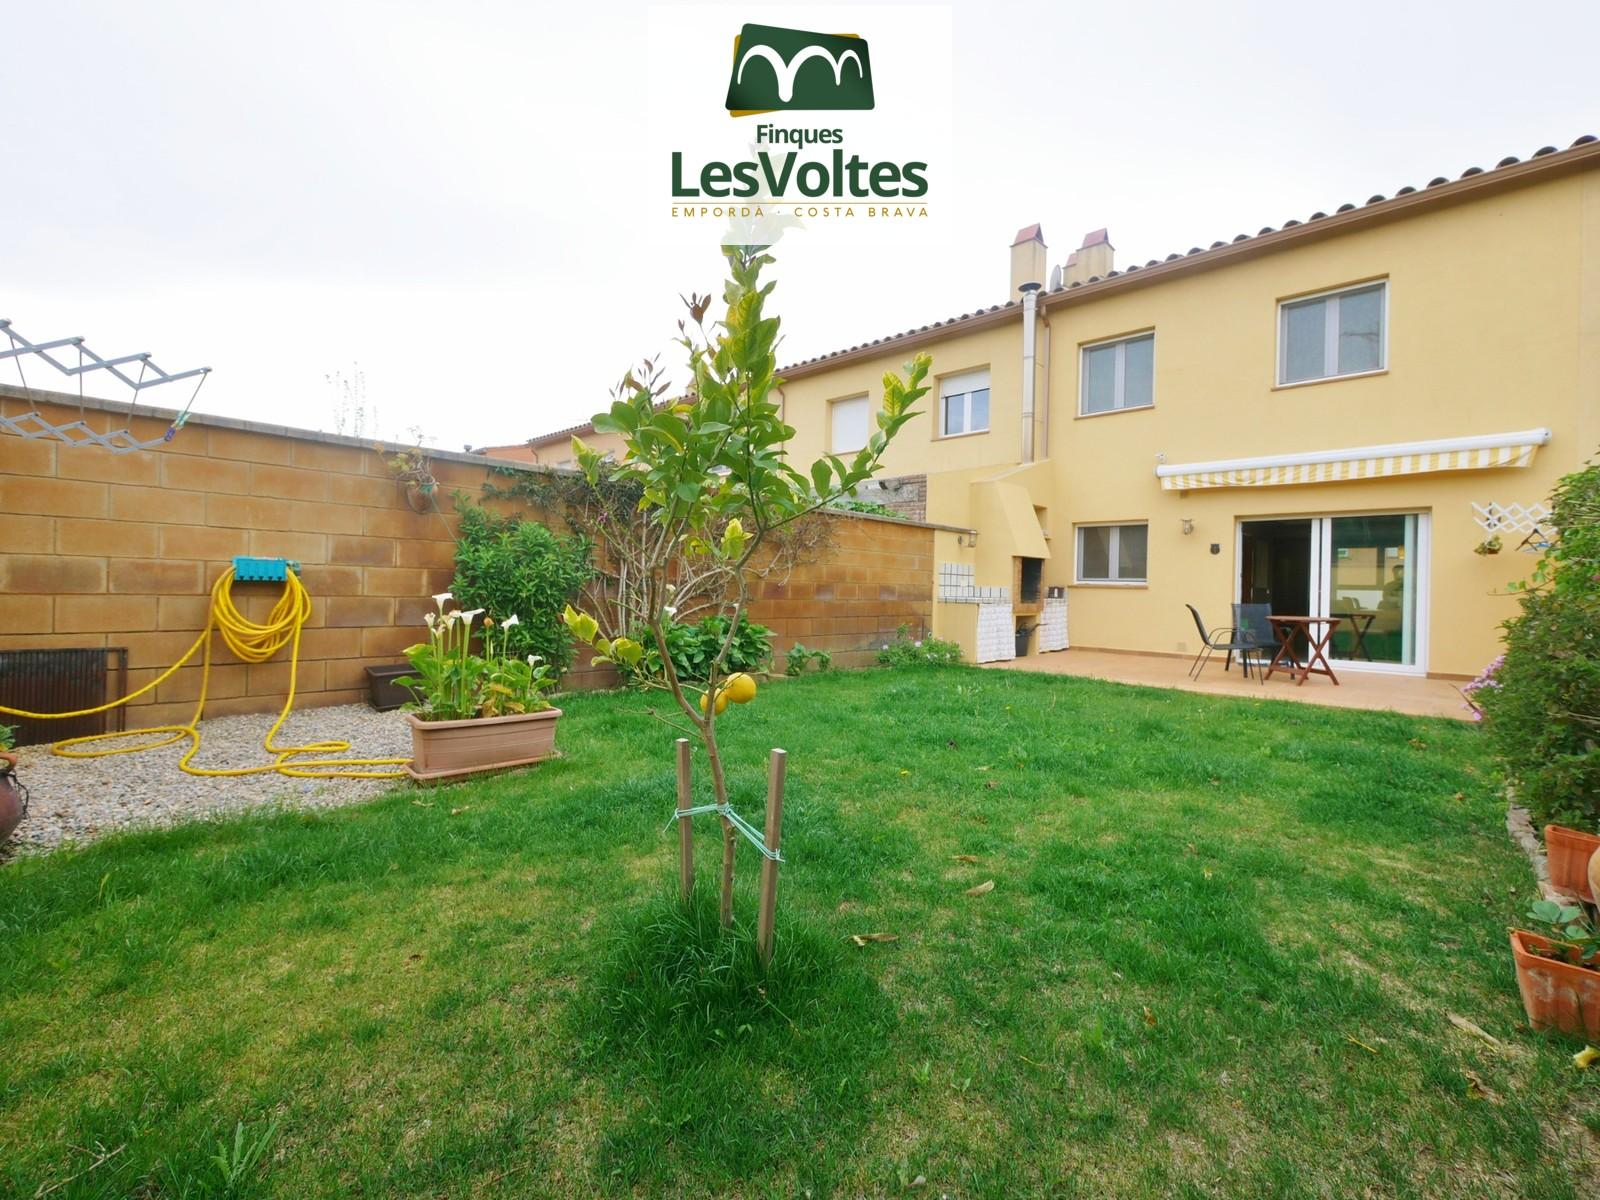 Casa amb jardí i garatge en venda a Palafrugell. Situat en zona residencial tranquil·la.